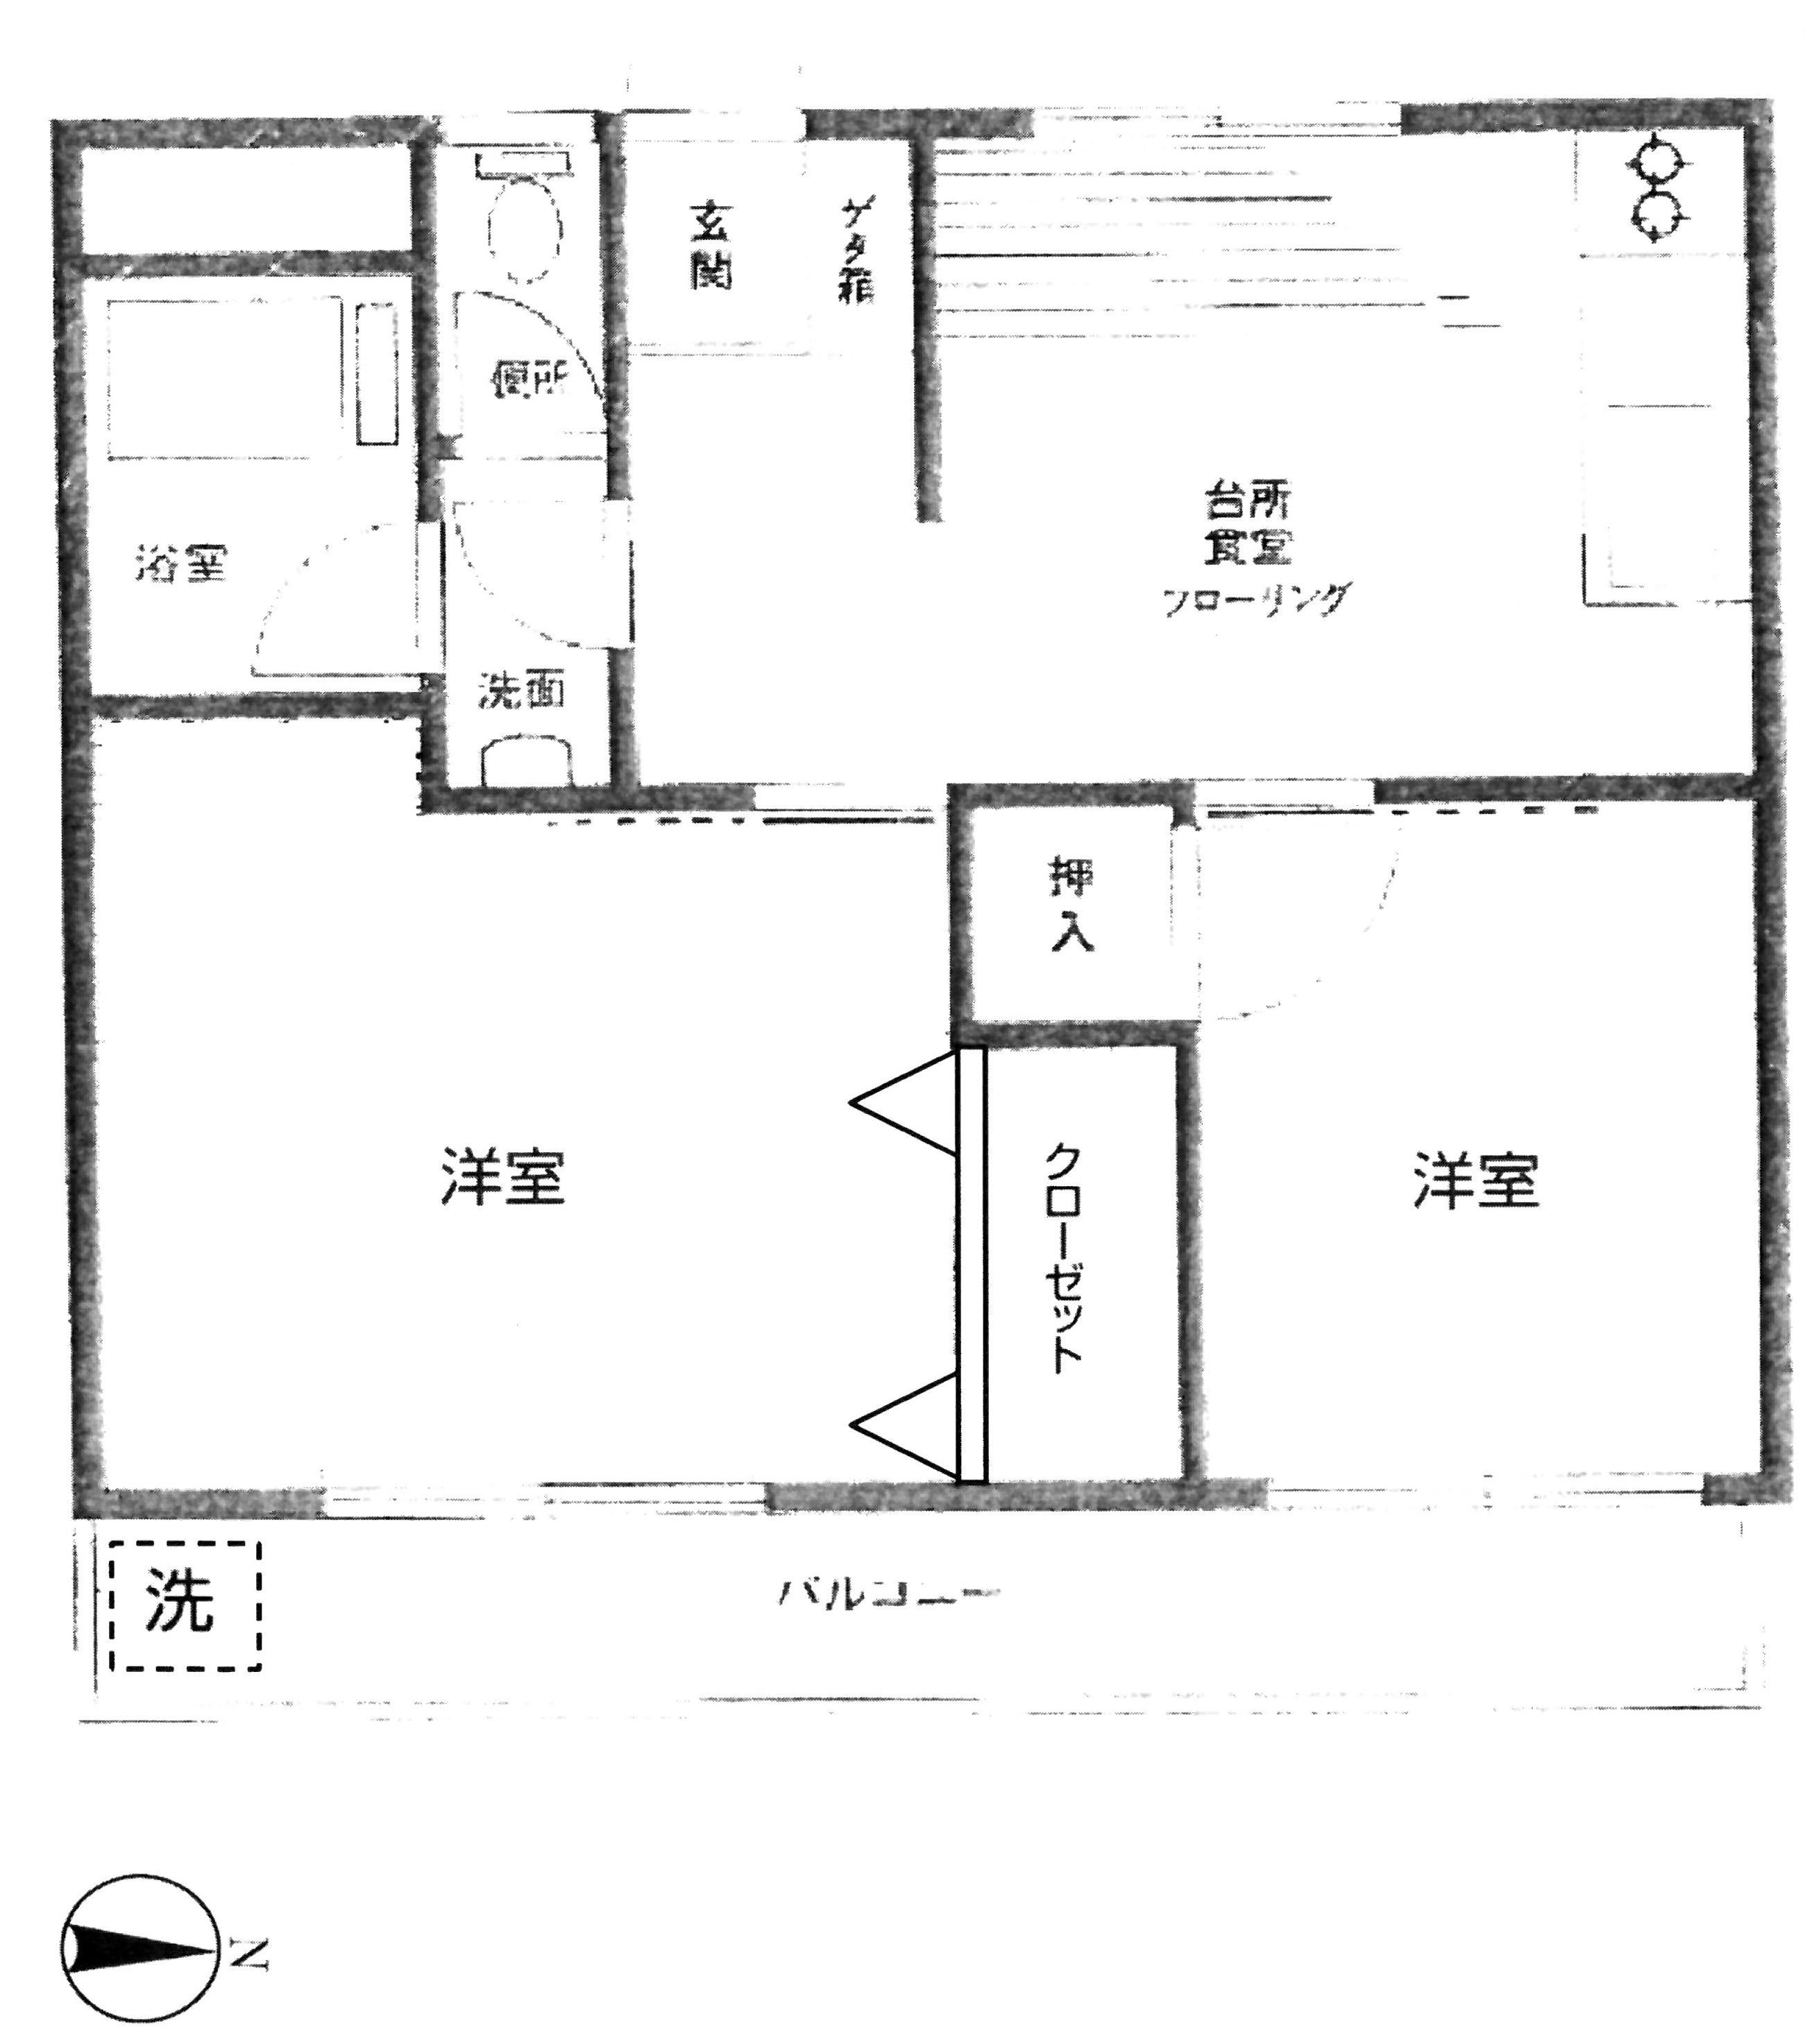 第一中商マンション☆オーナーチェンジ物件☆実質利回り7%☆